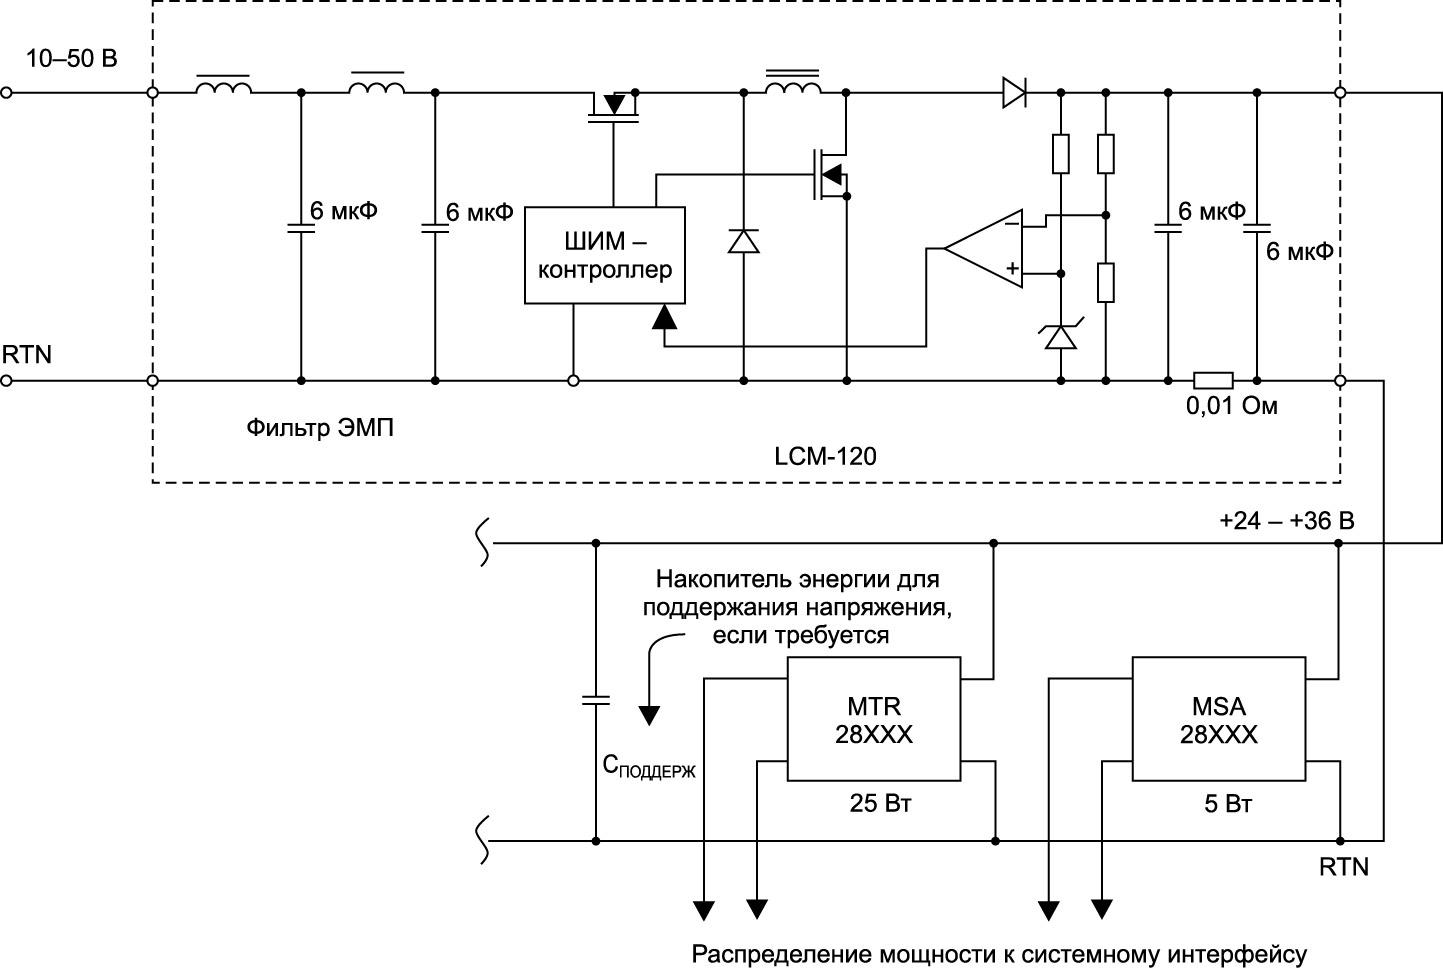 Структурная схема системы питания с применением модуля кондиционера шины питания LCM–120